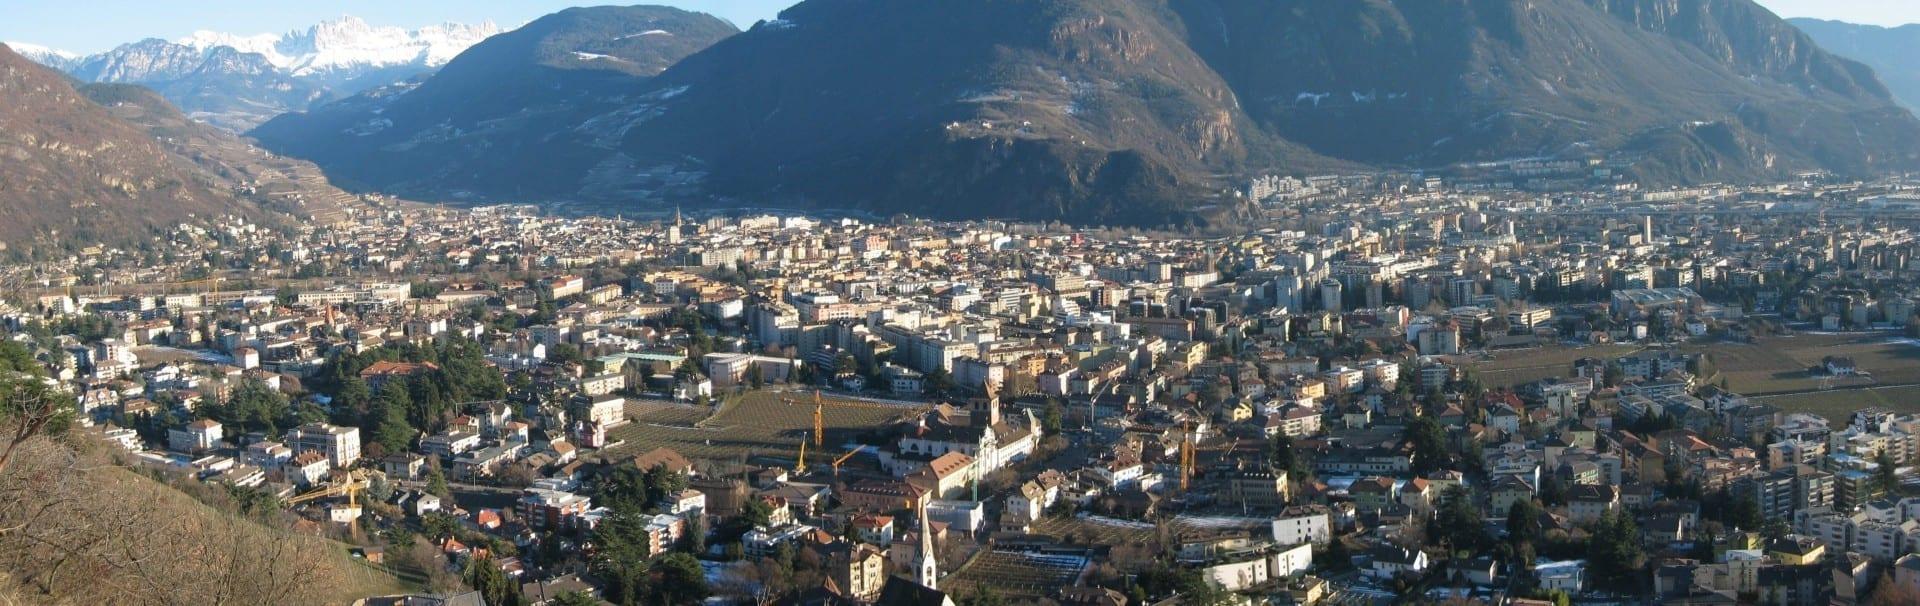 Bolzano/Bozen Bolzano Italia